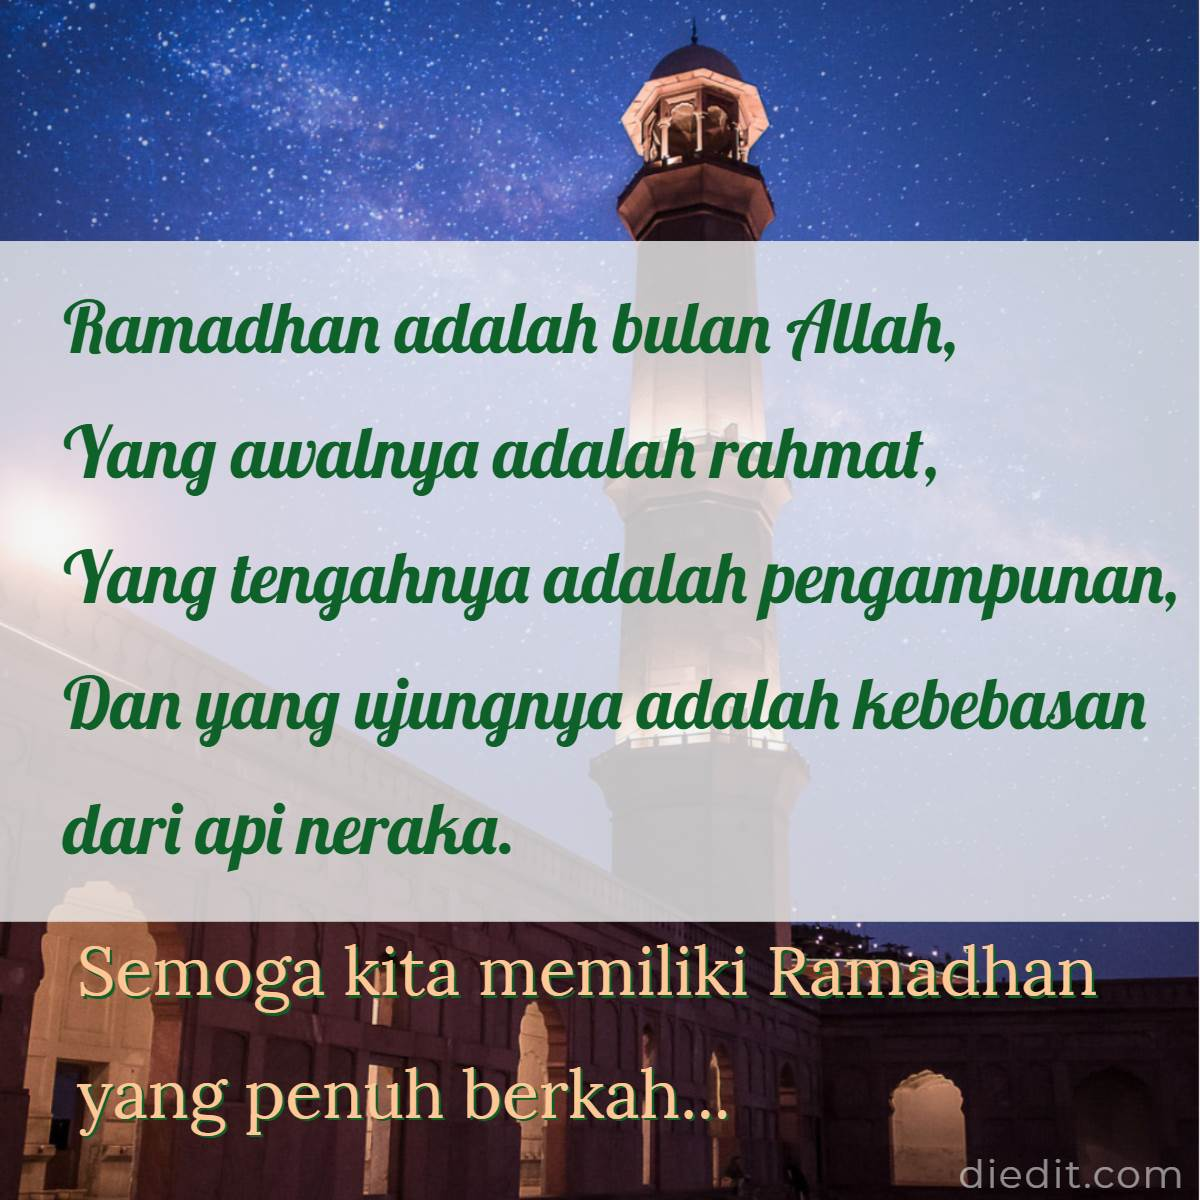 100 Kata Kata Ramadhan 2020 Ucapan Islami Di Bulan Puasa